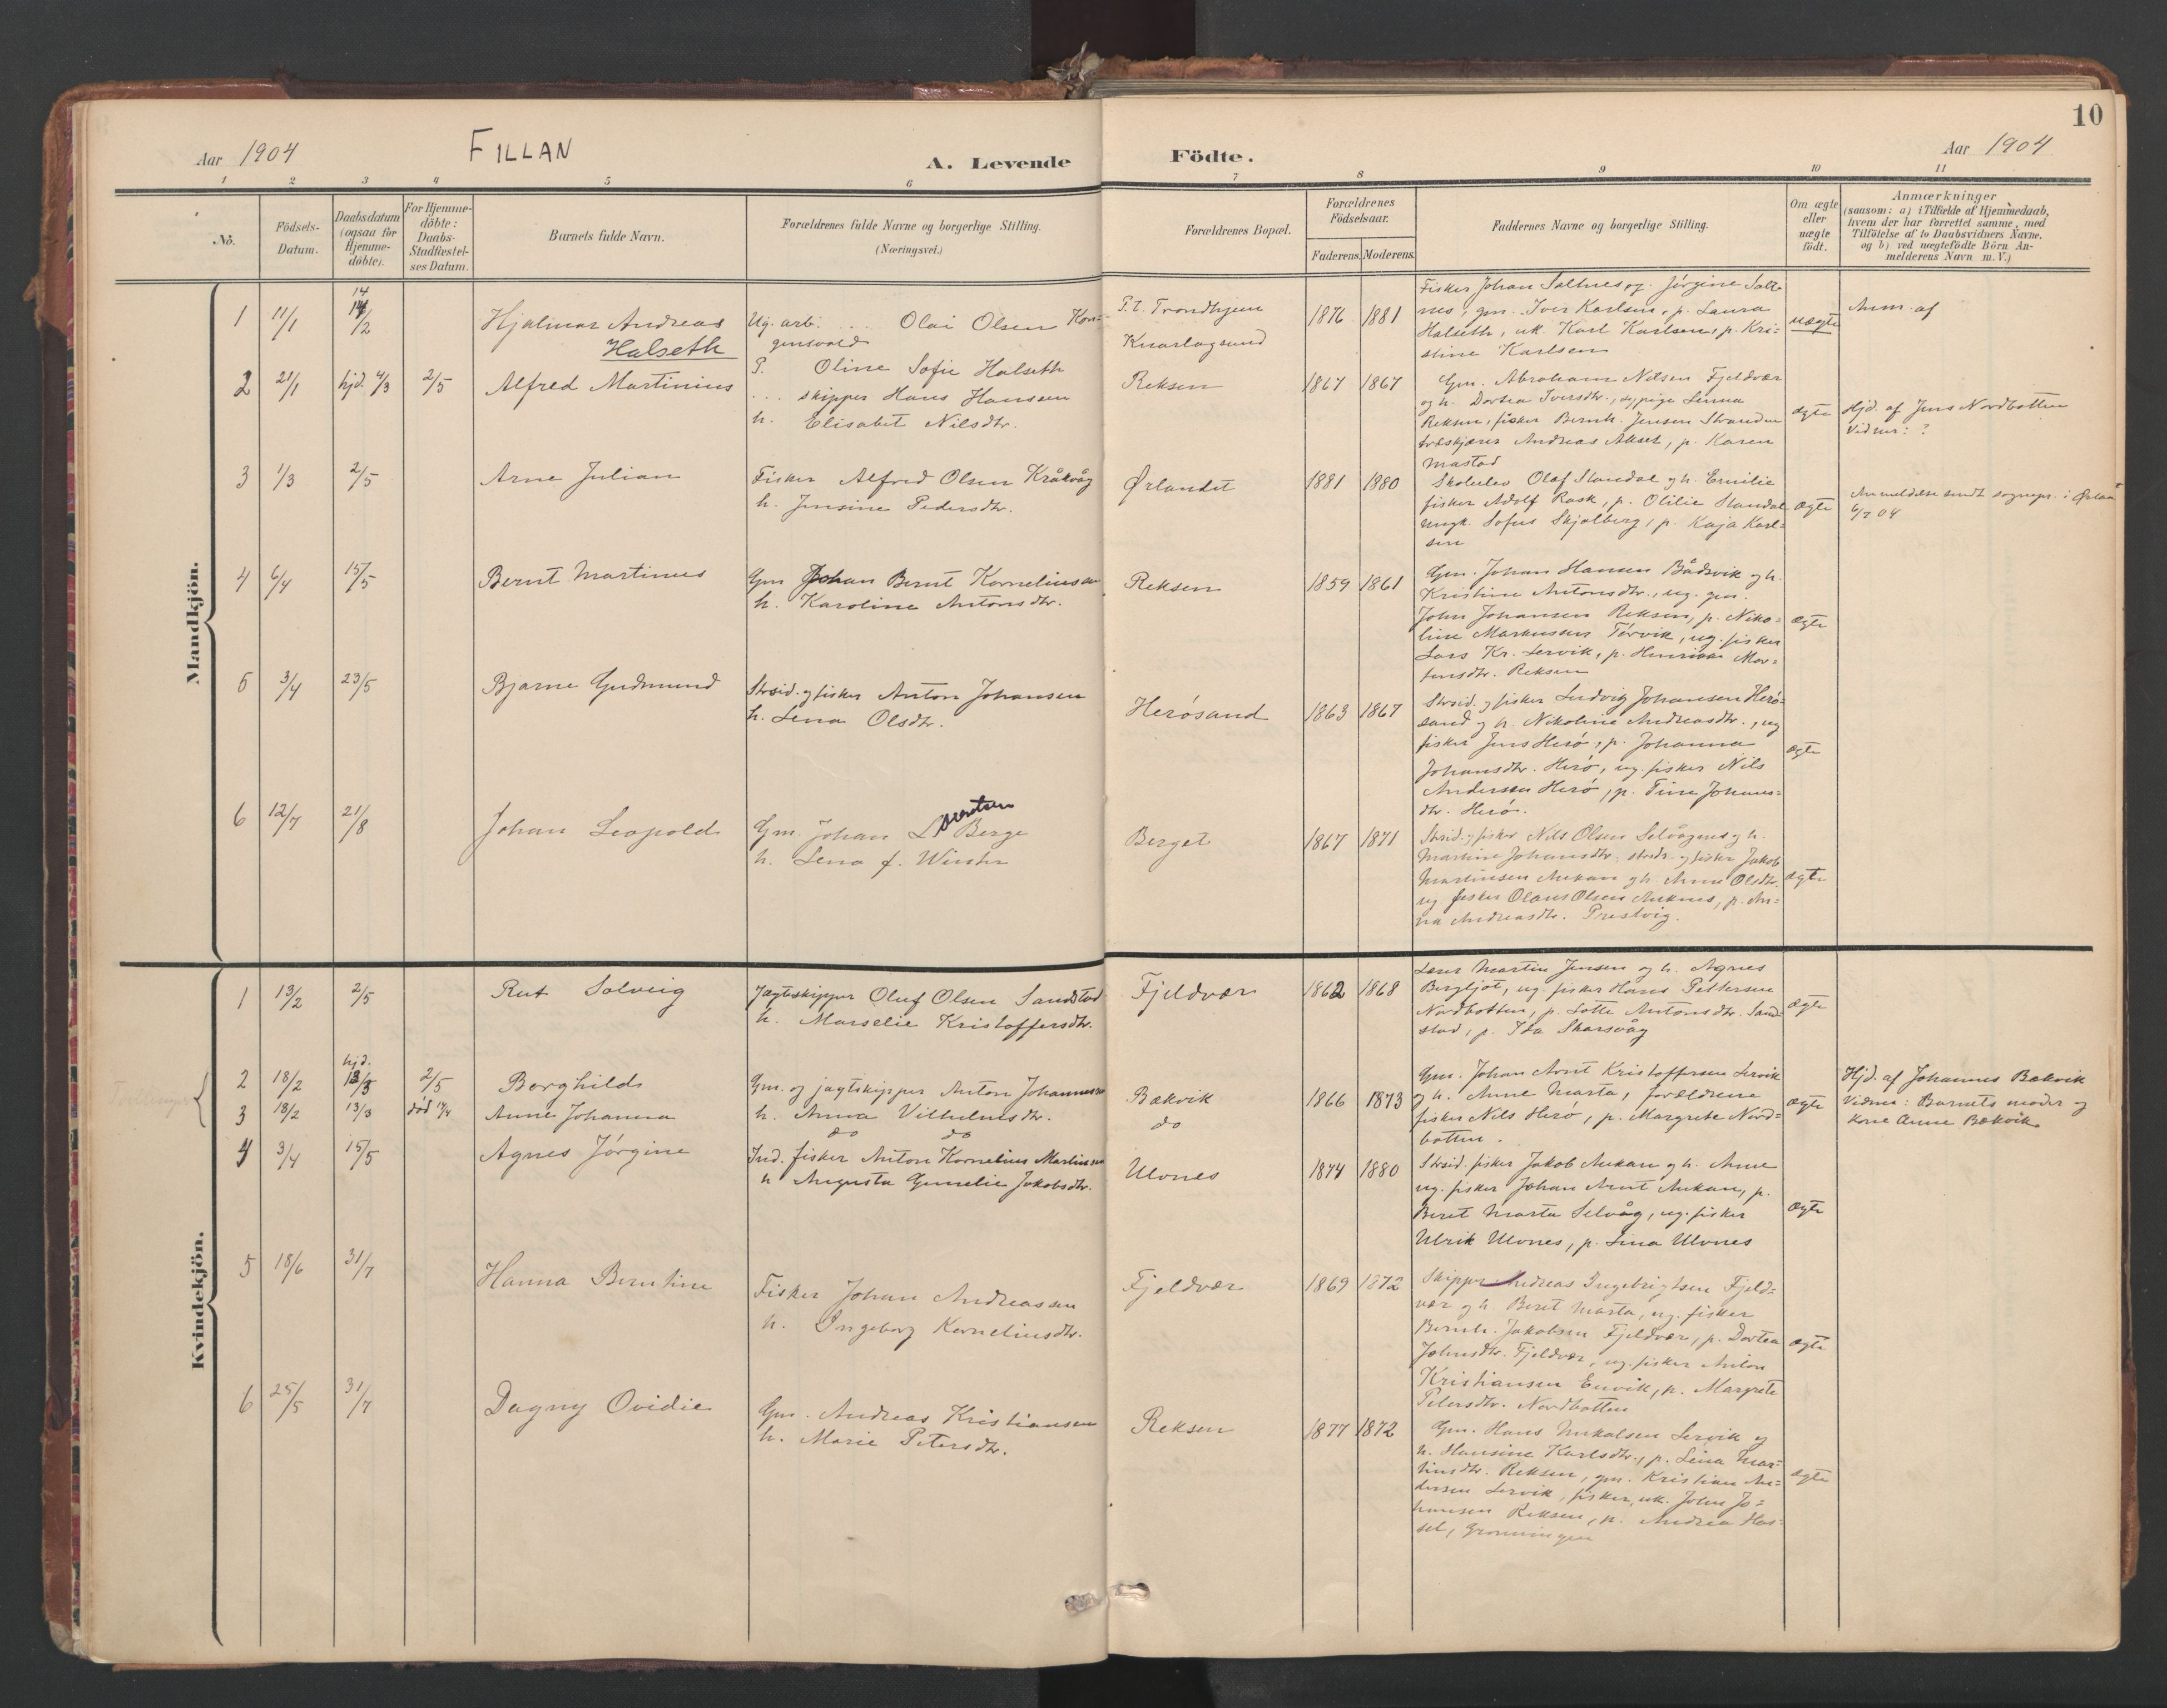 SAT, Ministerialprotokoller, klokkerbøker og fødselsregistre - Sør-Trøndelag, 638/L0568: Ministerialbok nr. 638A01, 1901-1916, s. 10